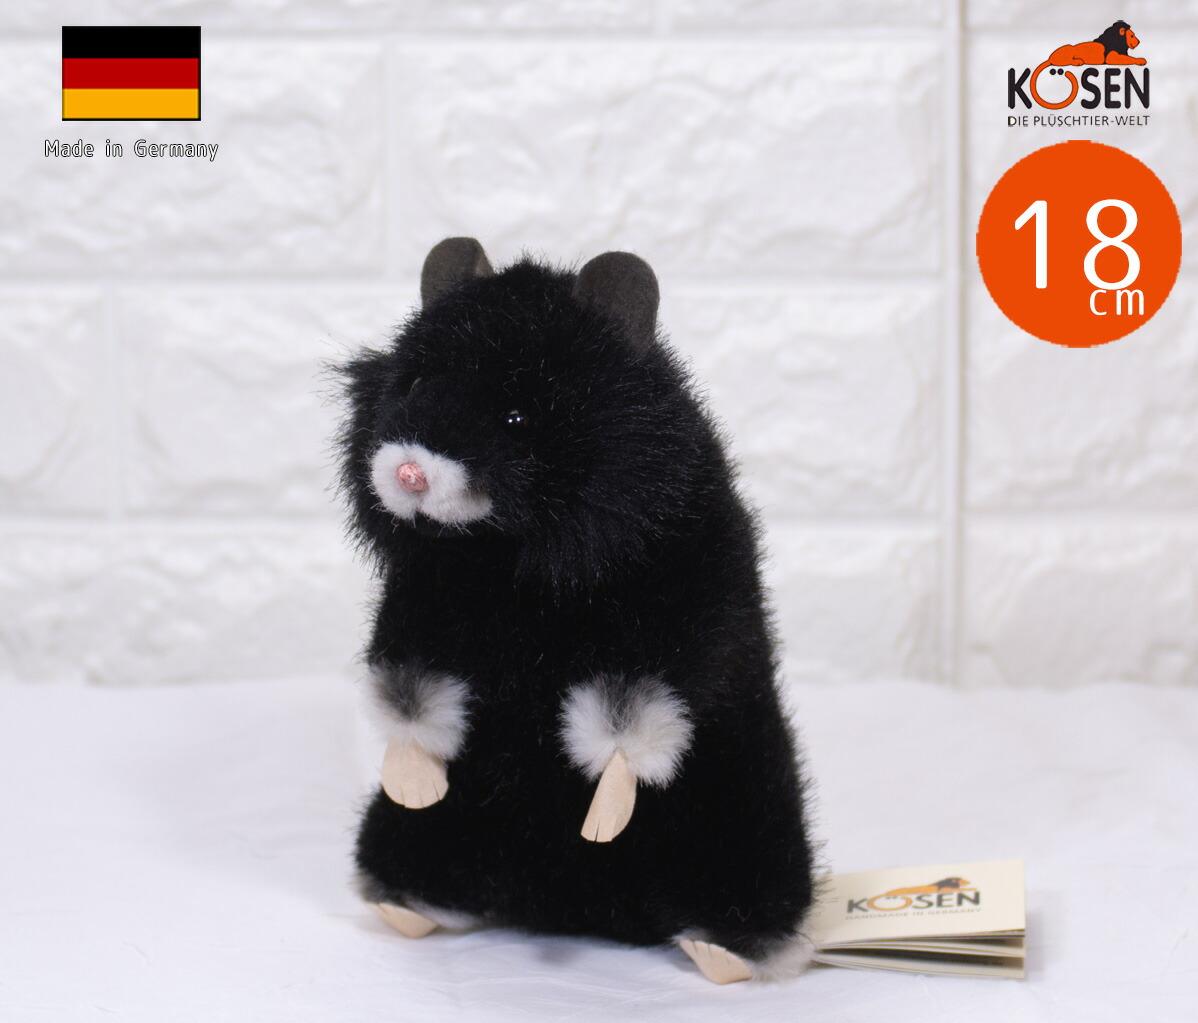 【最大777円クーポン配布中】ハムスター 黒 hamster 18cm